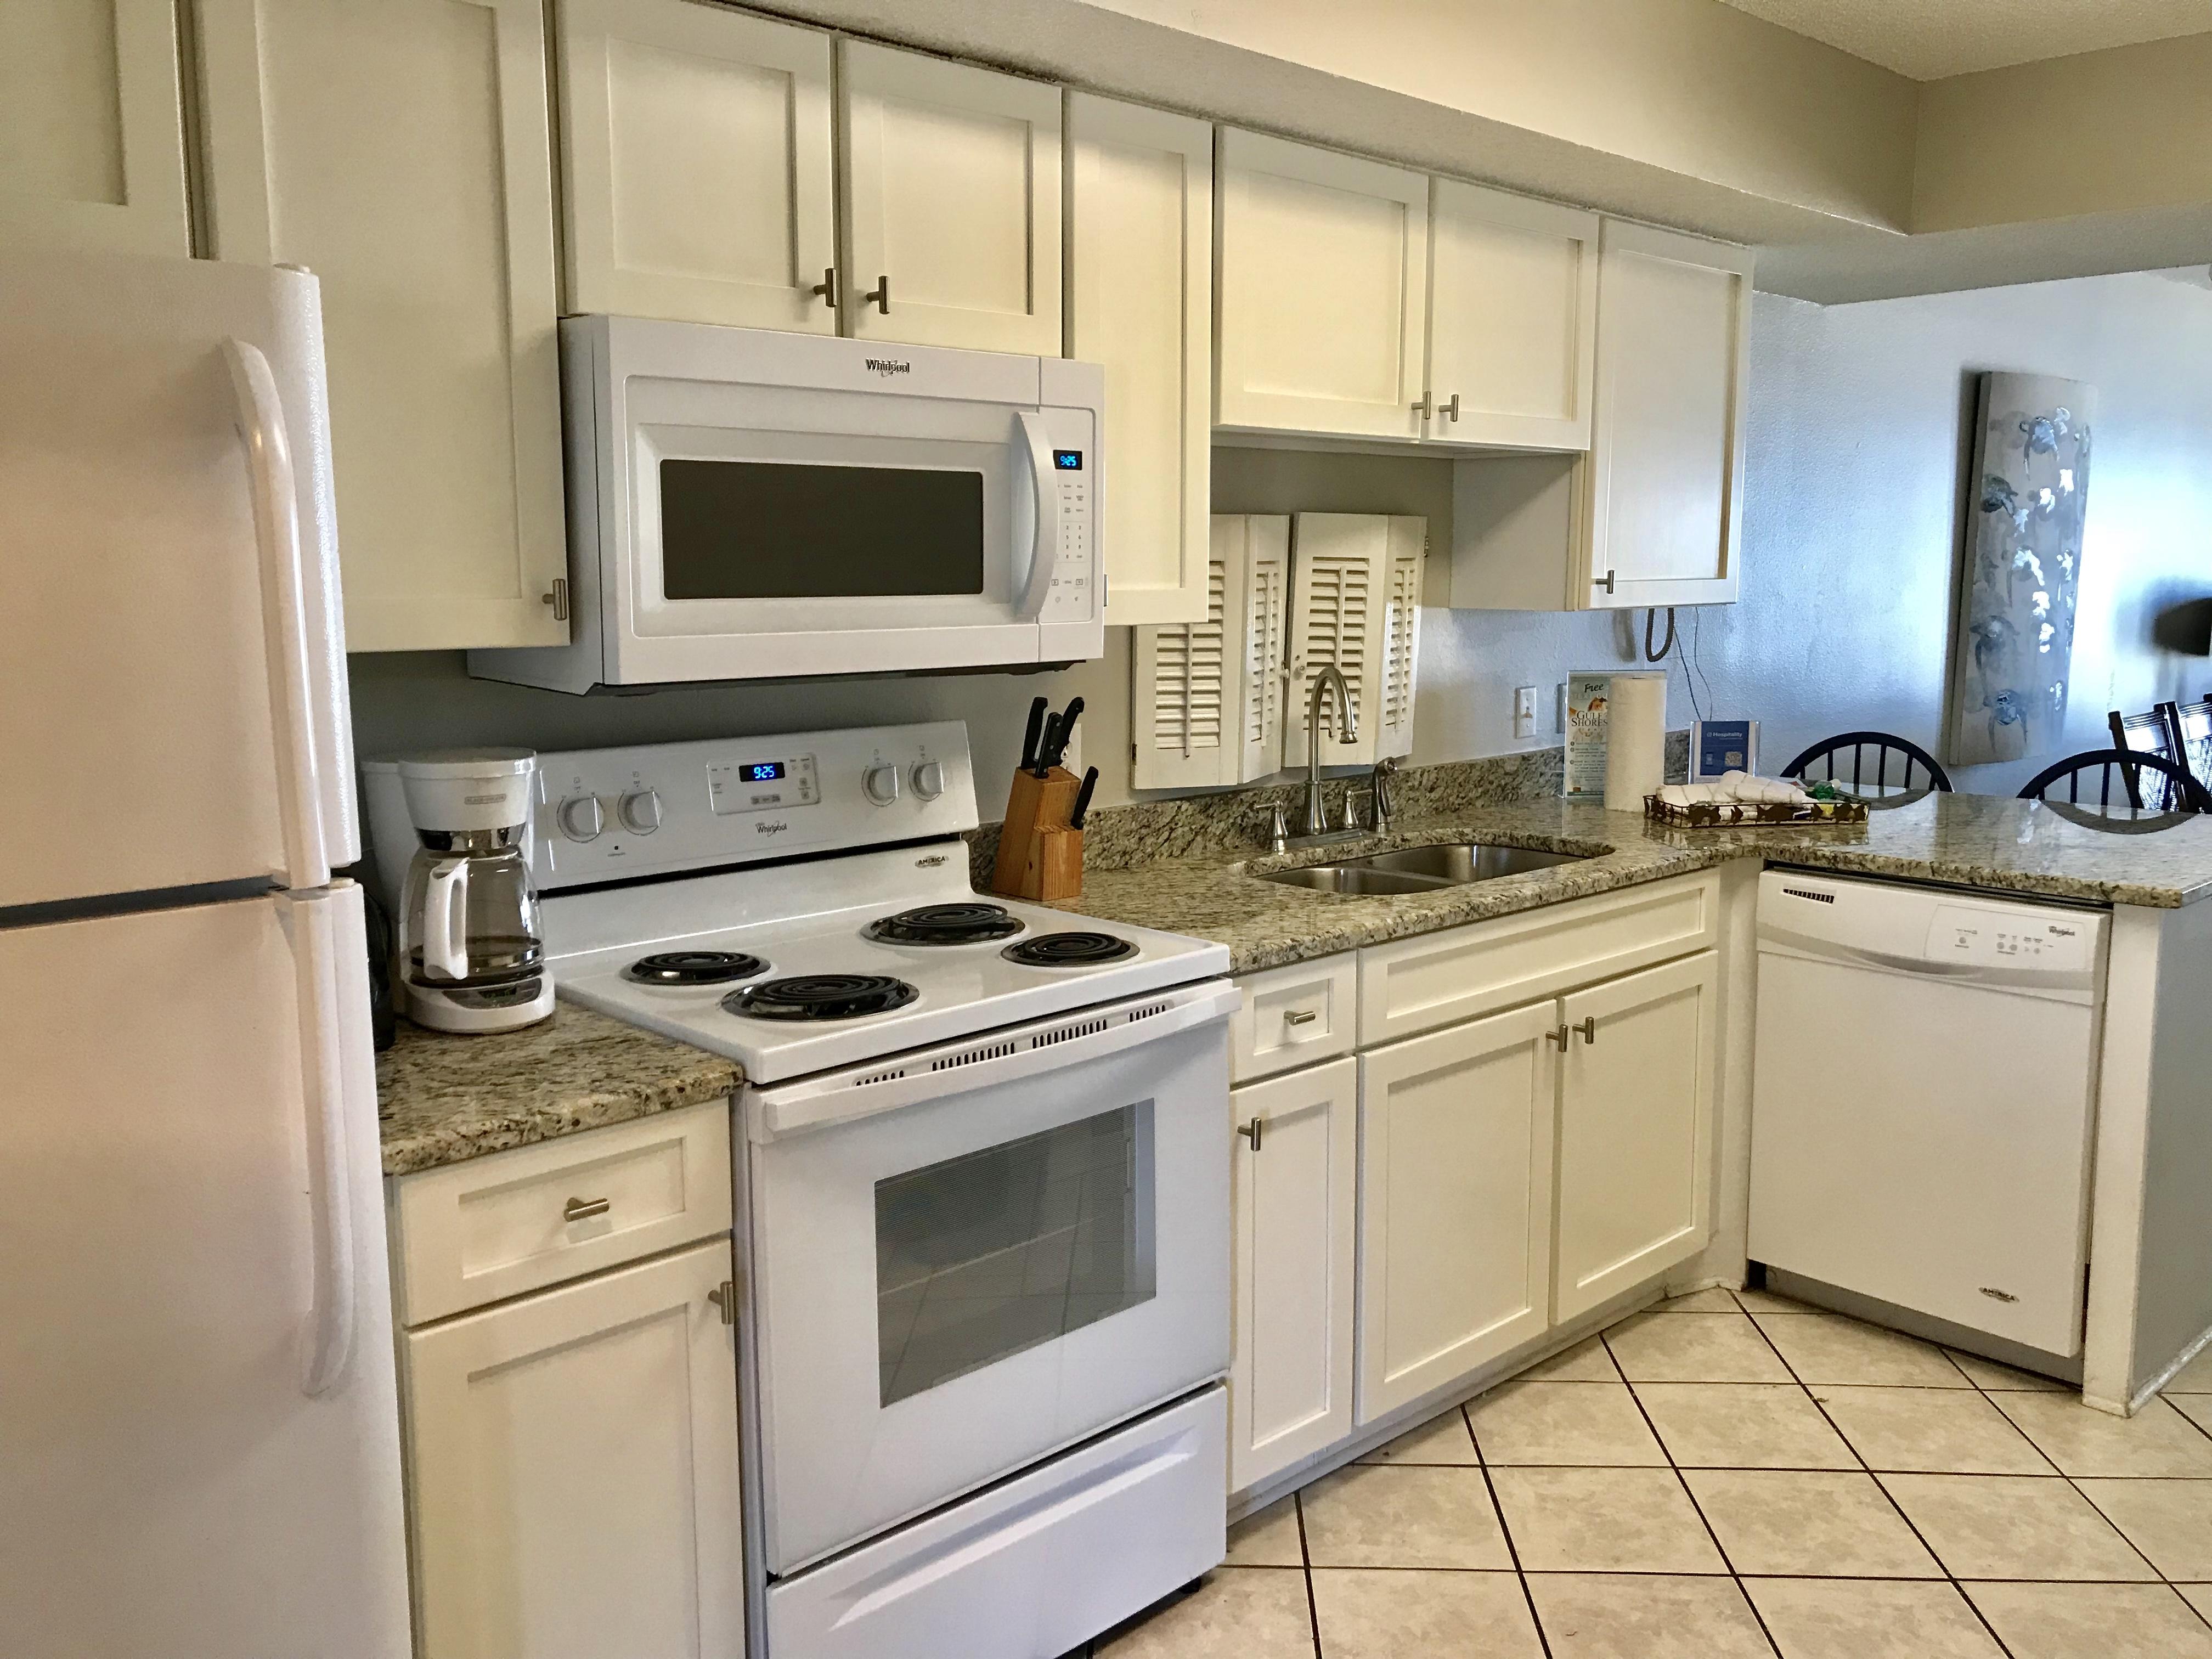 Ocean House 2206 Condo rental in Ocean House - Gulf Shores in Gulf Shores Alabama - #11